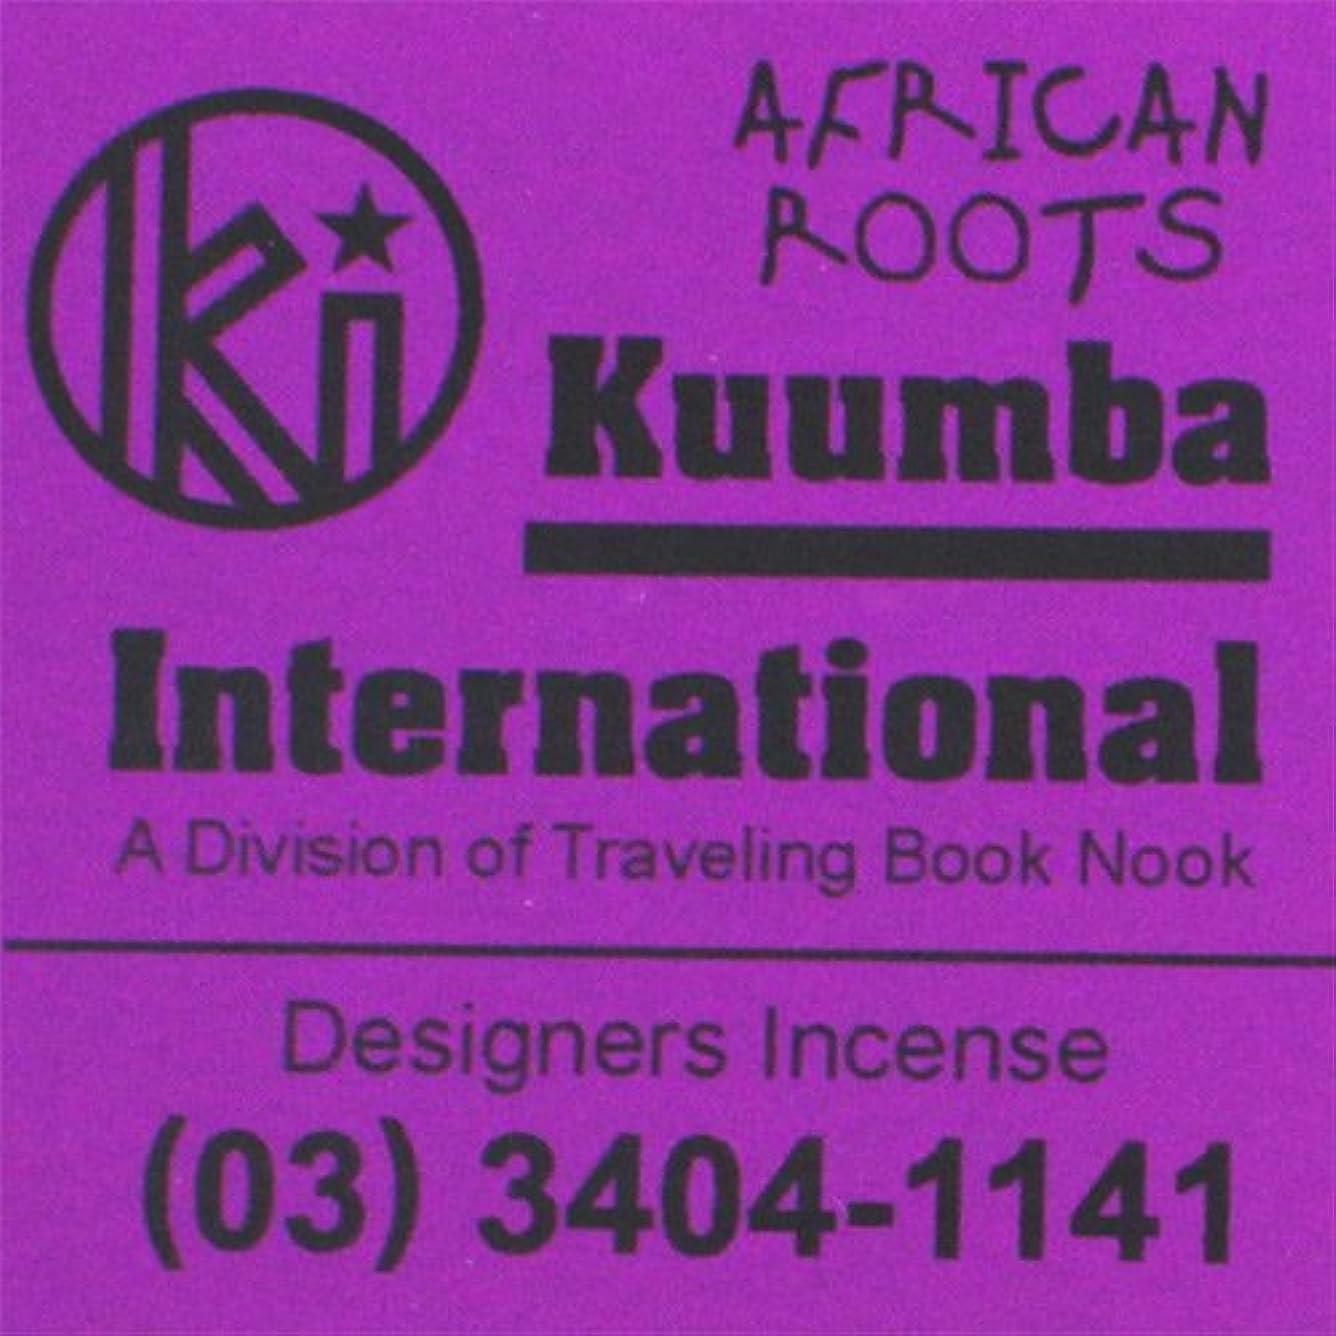 自分のぞき見旅行者KUUMBA / クンバ『incense』(AFRICAN ROOTS) (Regular size)